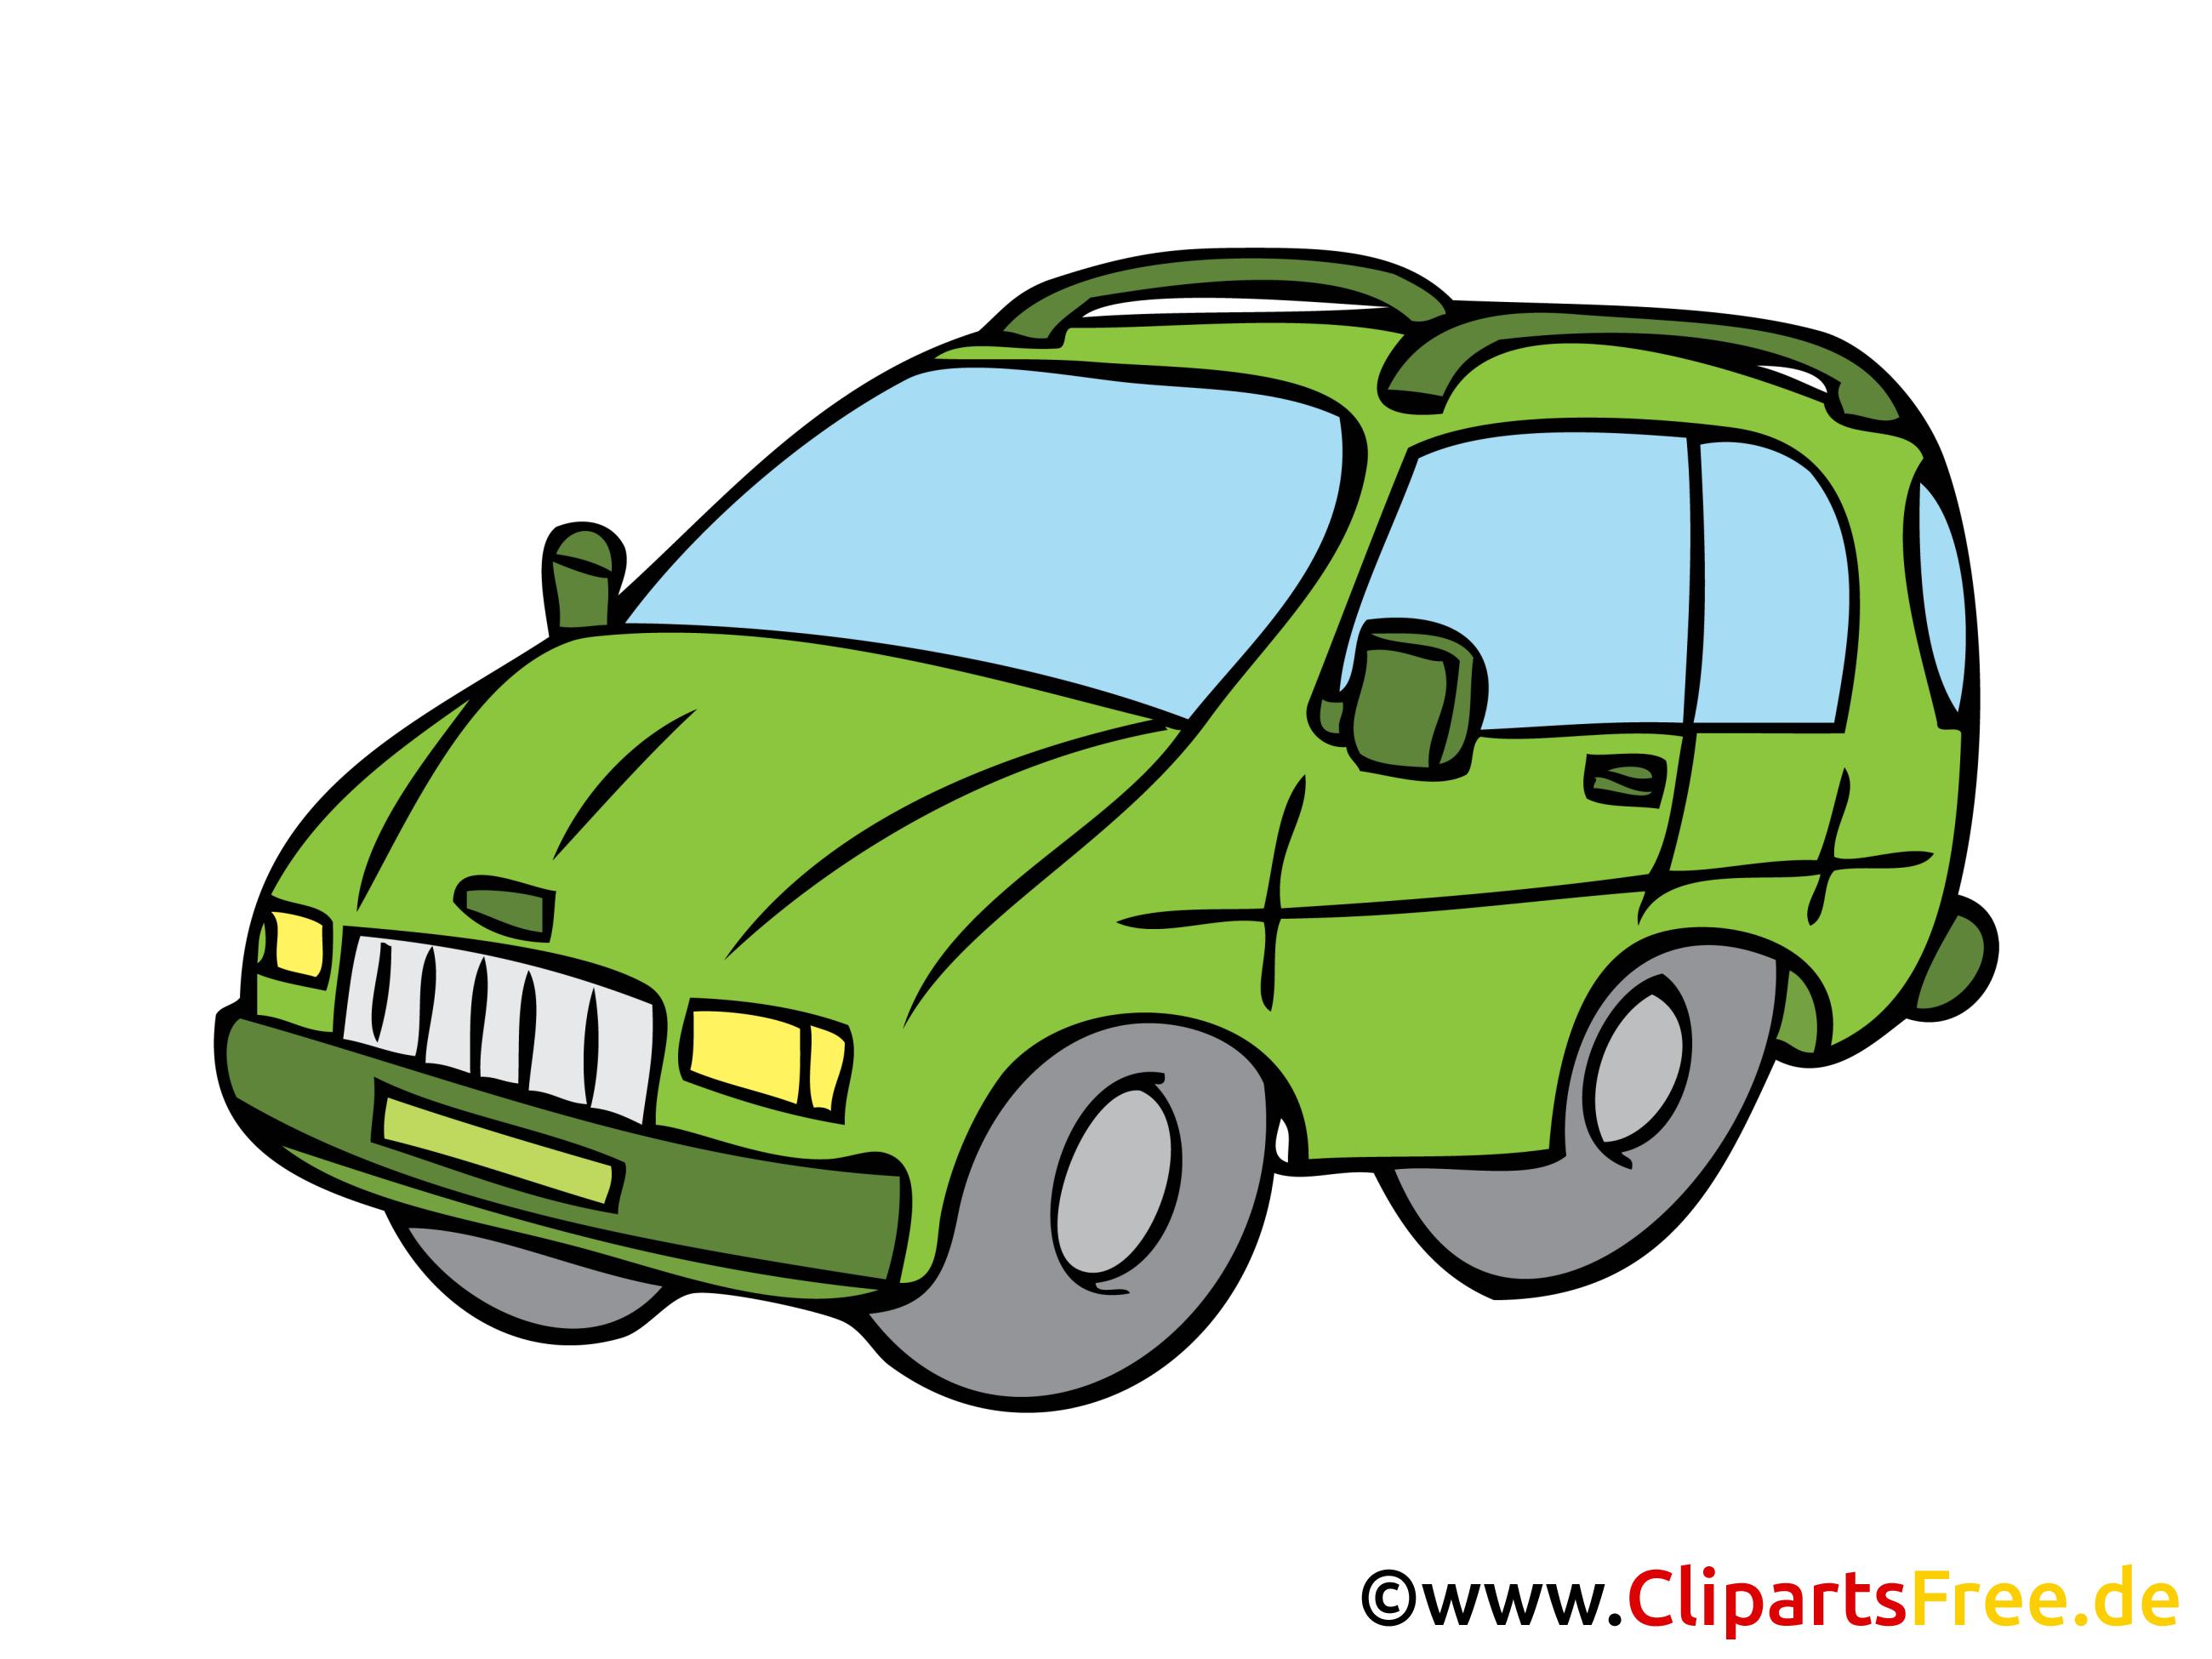 clipart auto gratuit - photo #36